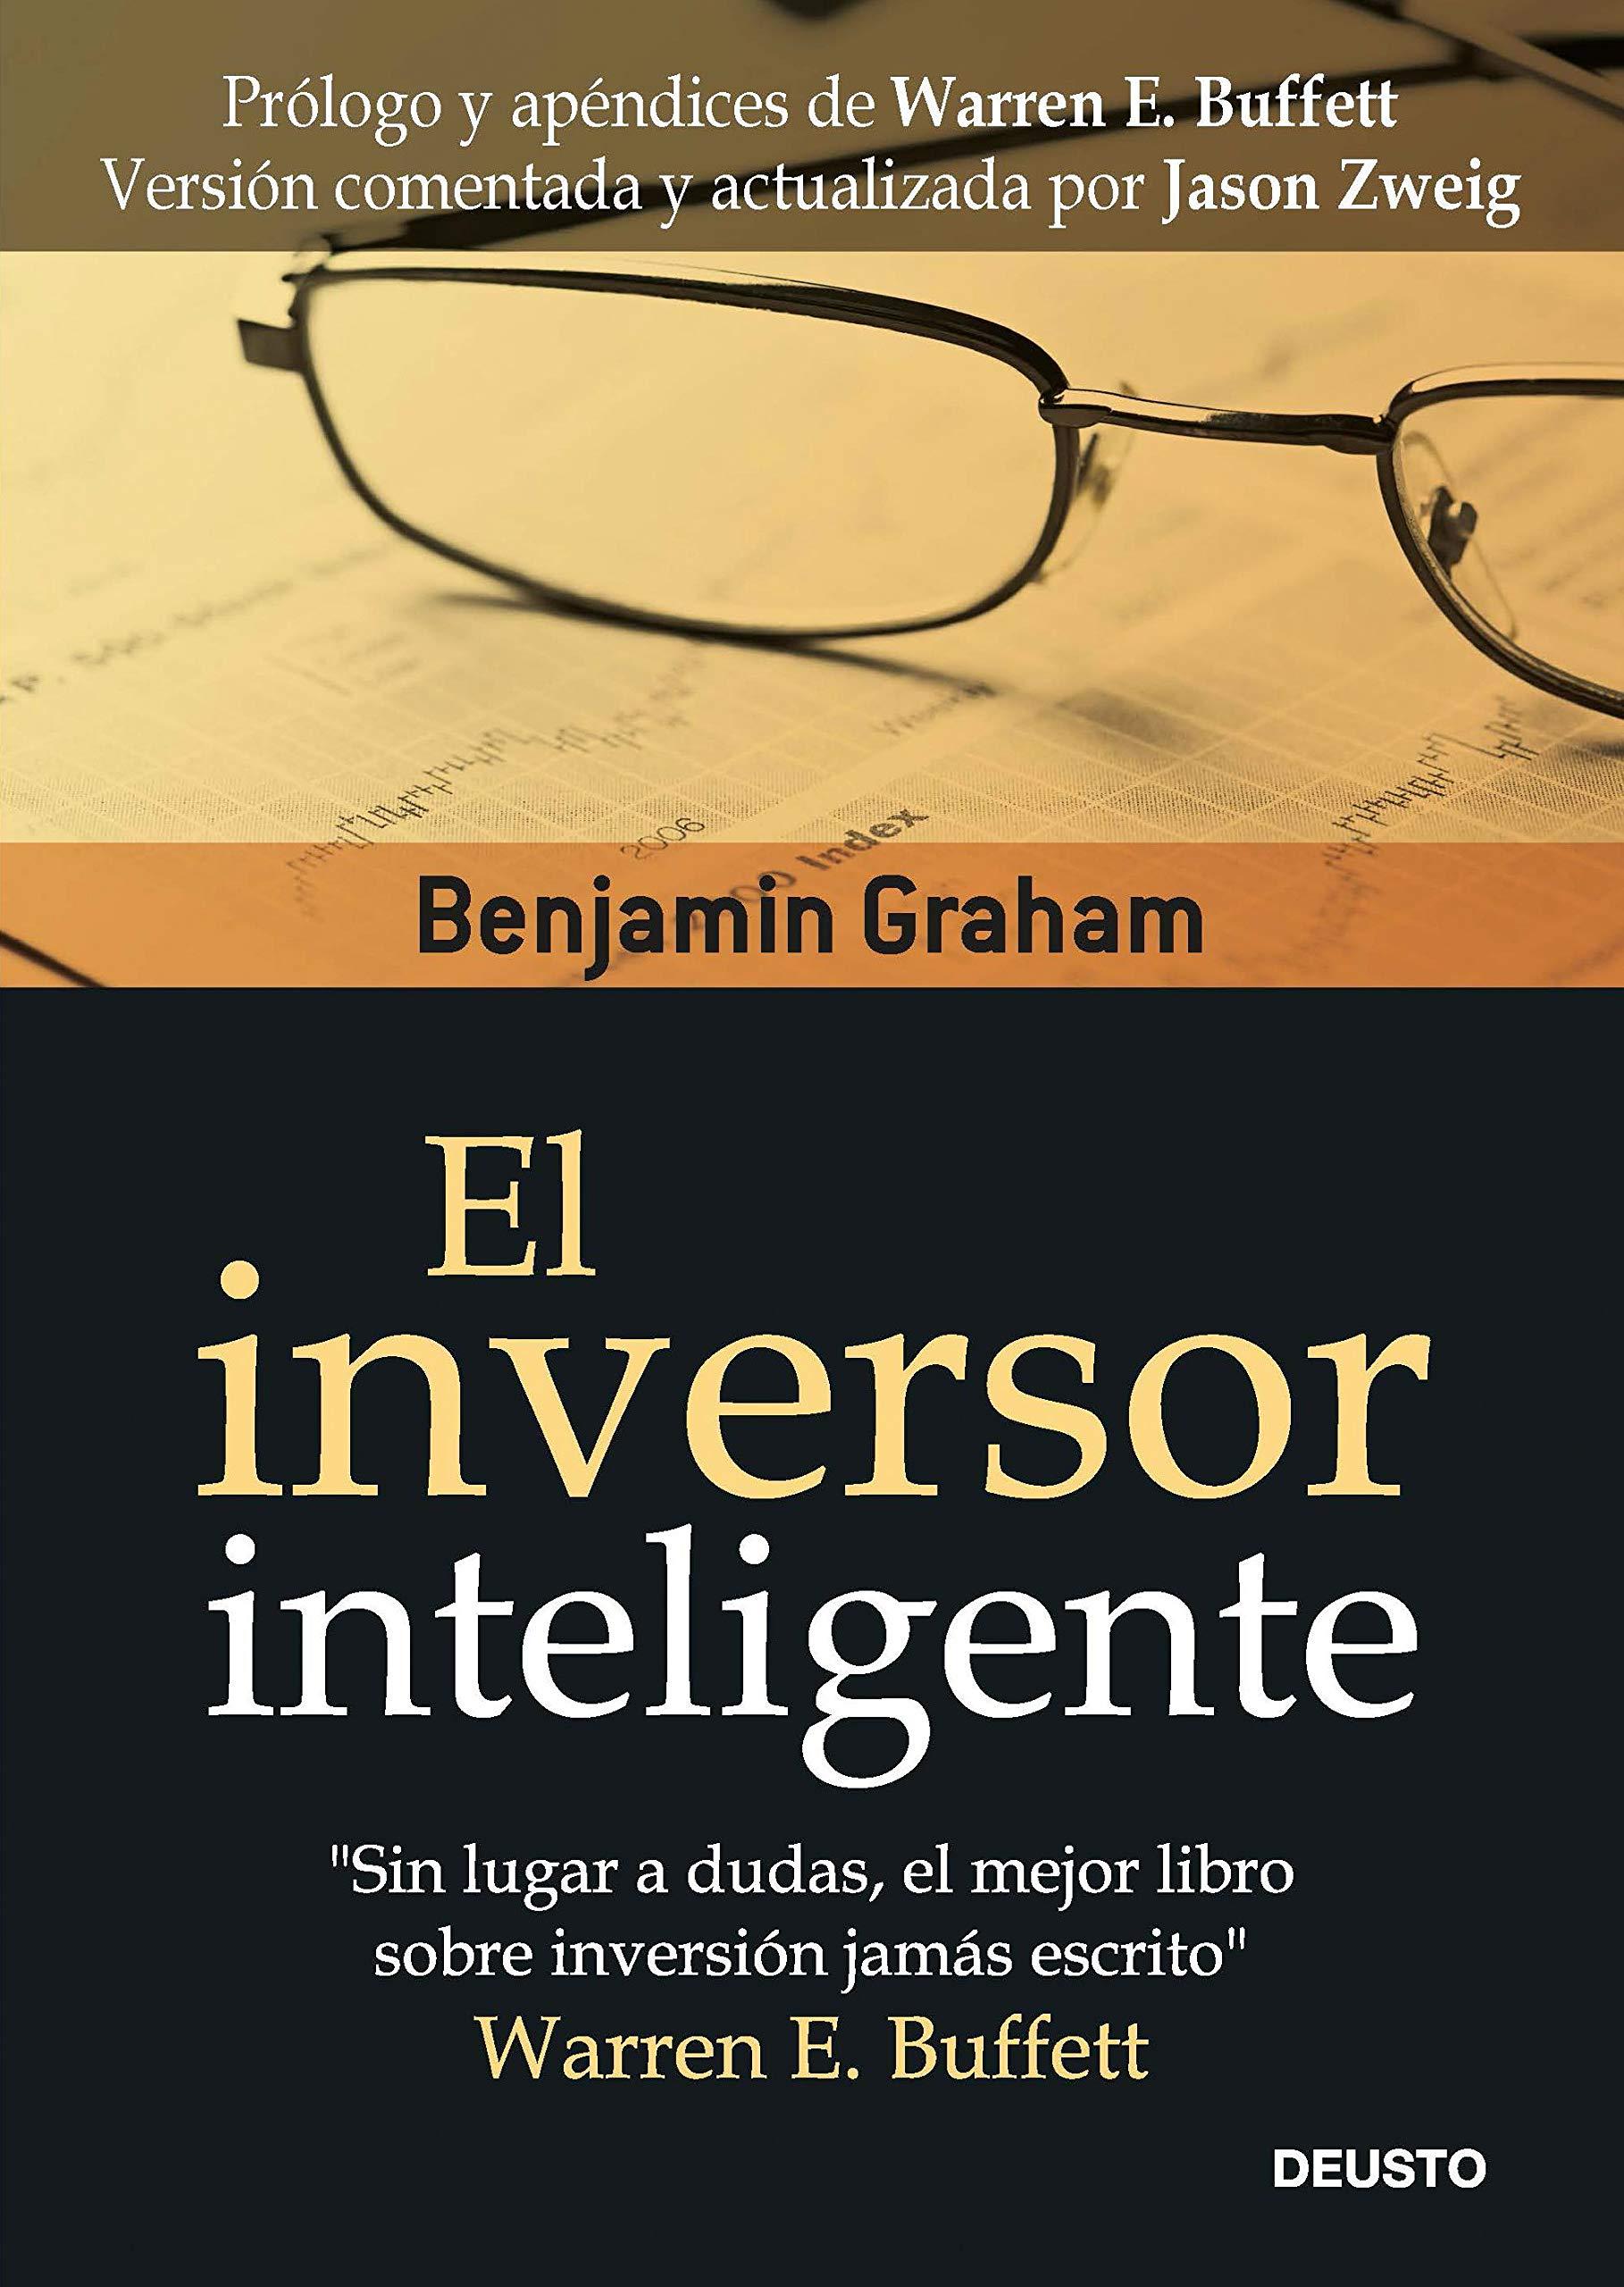 El inversor inteligente de Benjamín Graham